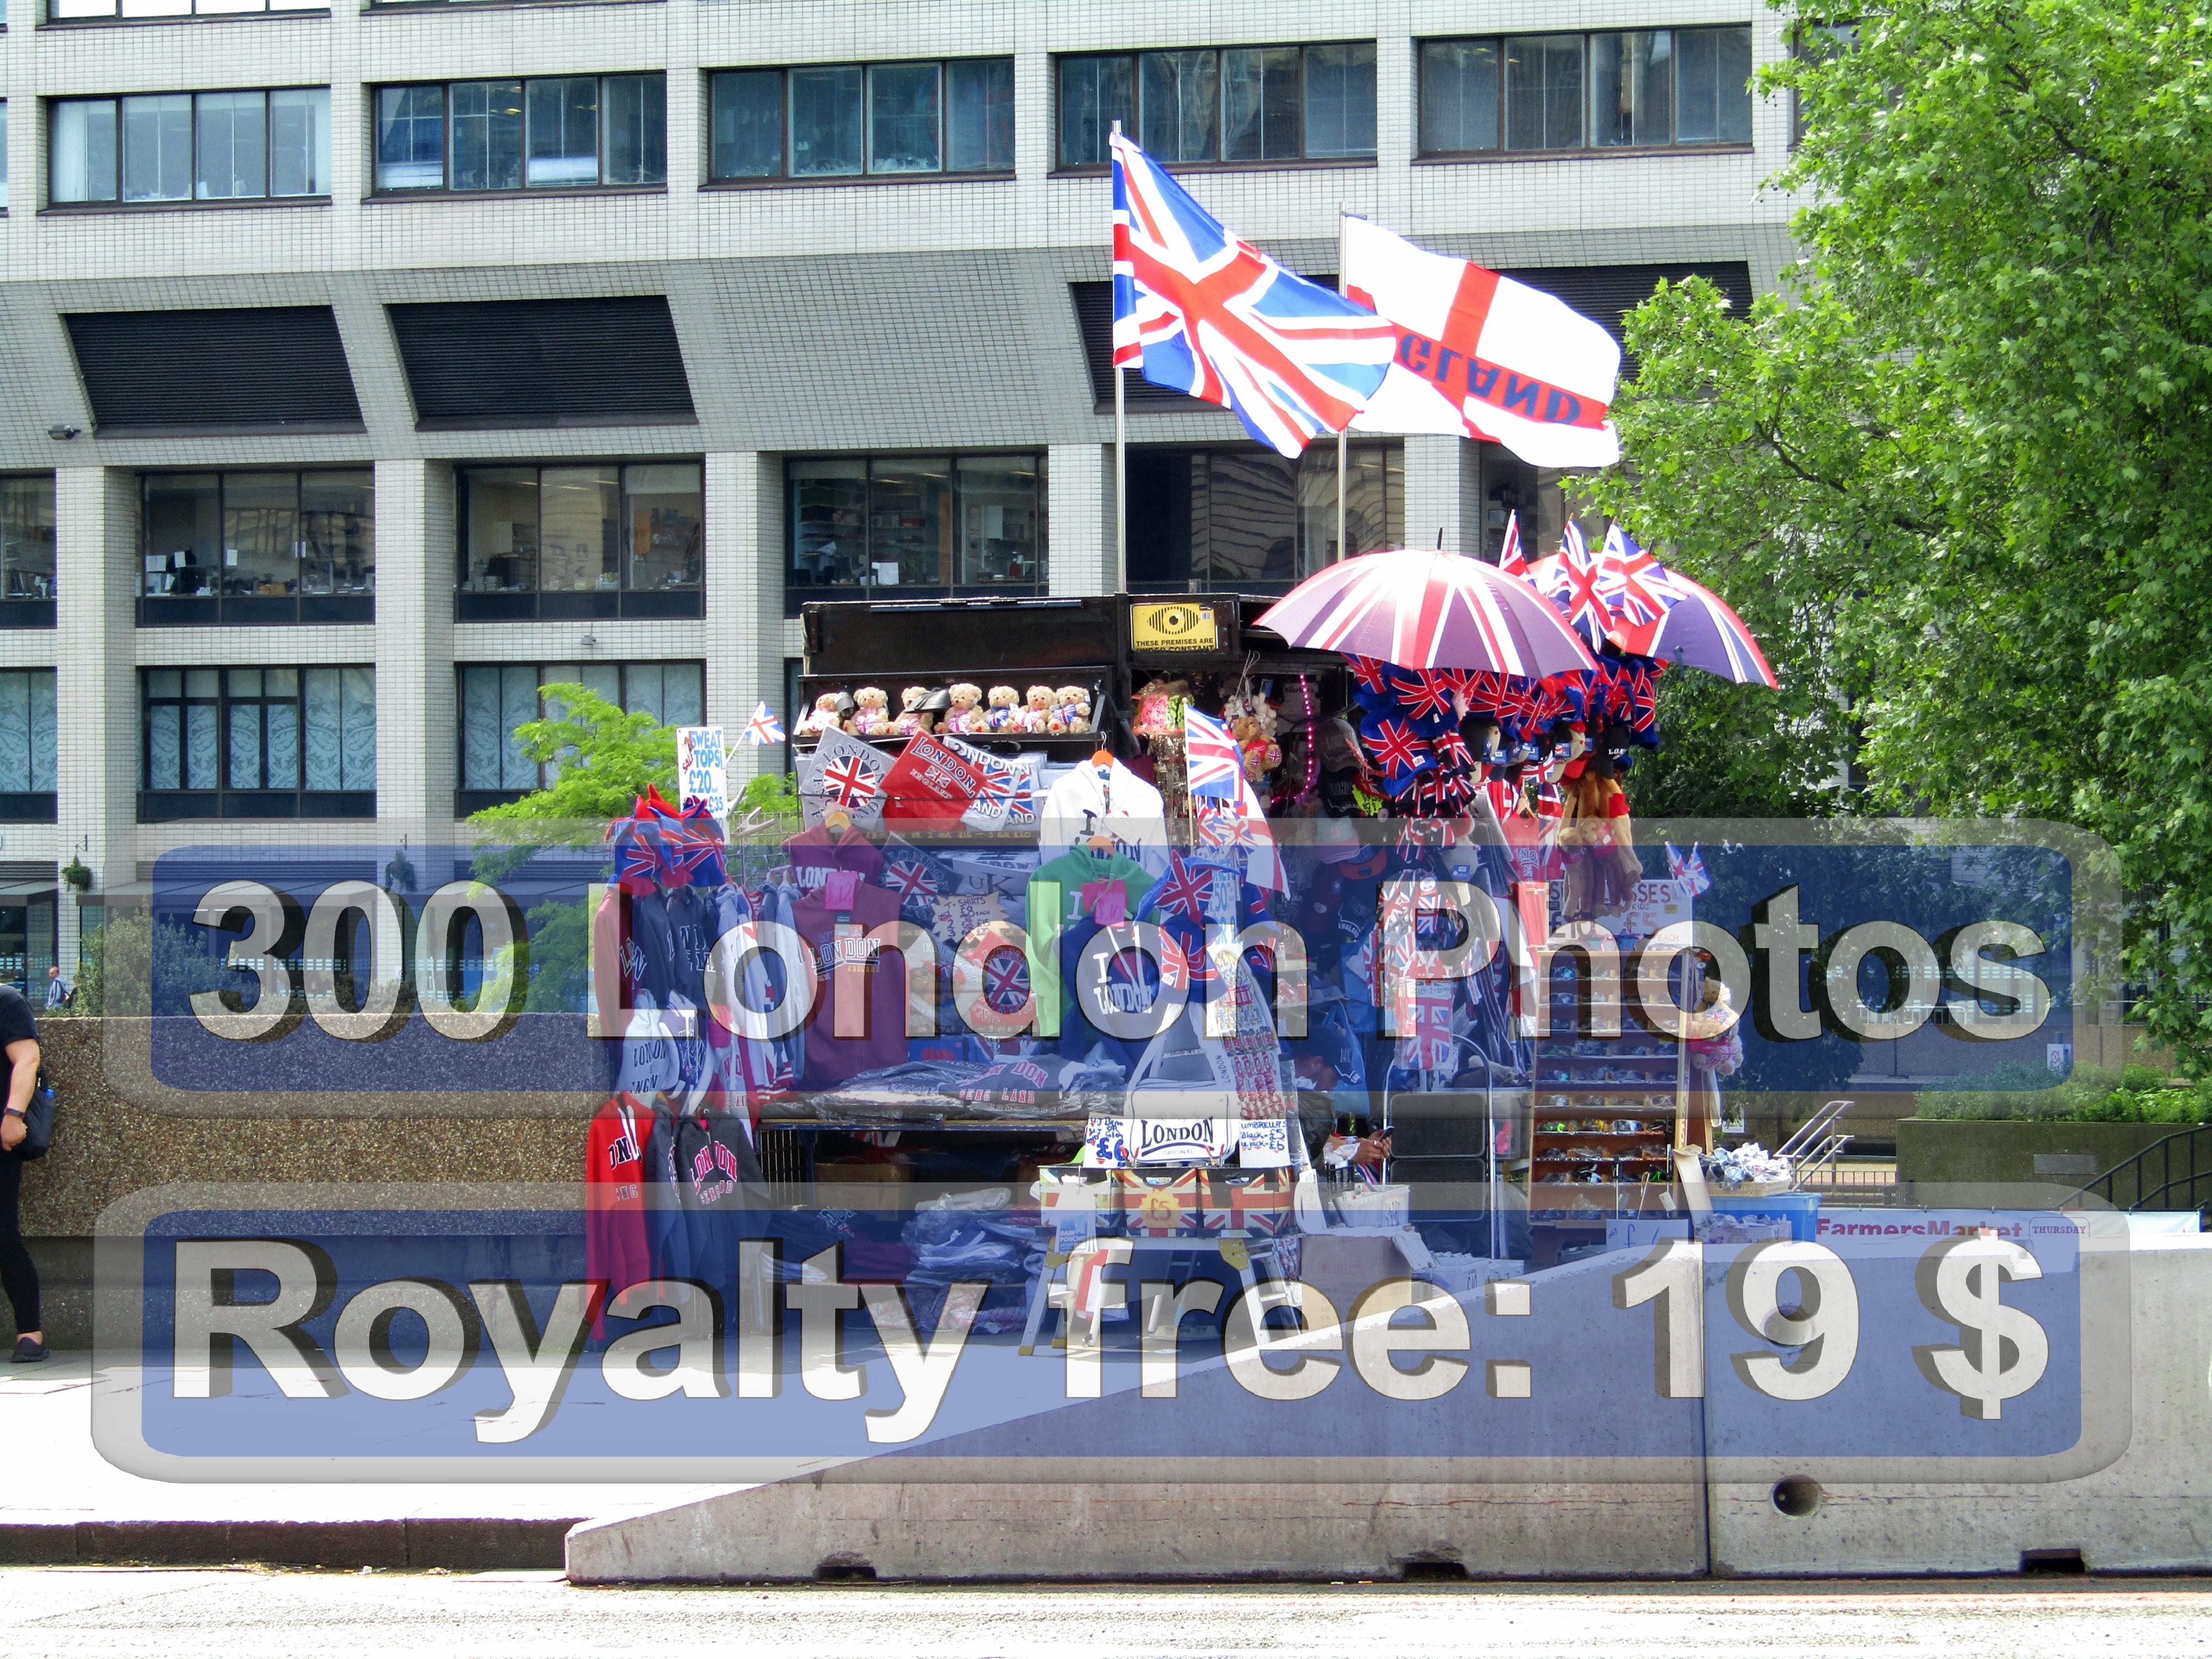 London Photo Company